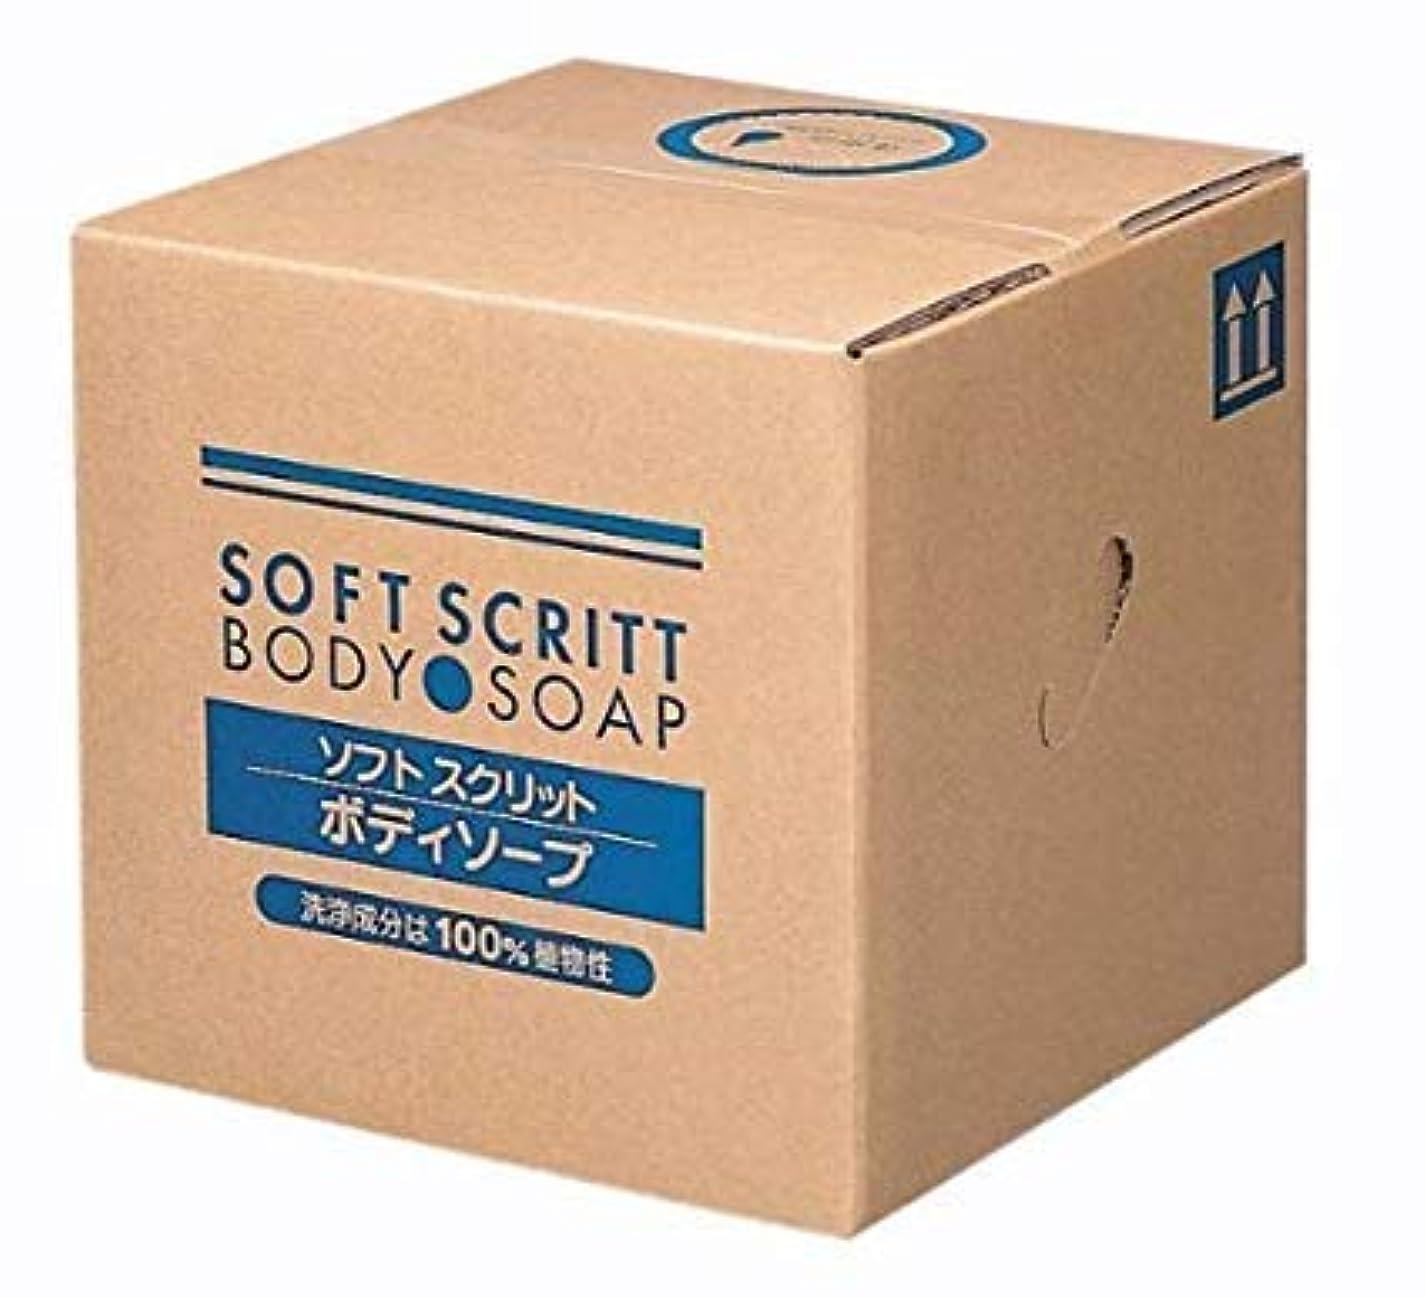 投資する微生物保険をかけるSOFT SCRITT(ソフトスクリット) ボディソープ 詰替用 18L 4353 (熊野油脂) (清拭小物)